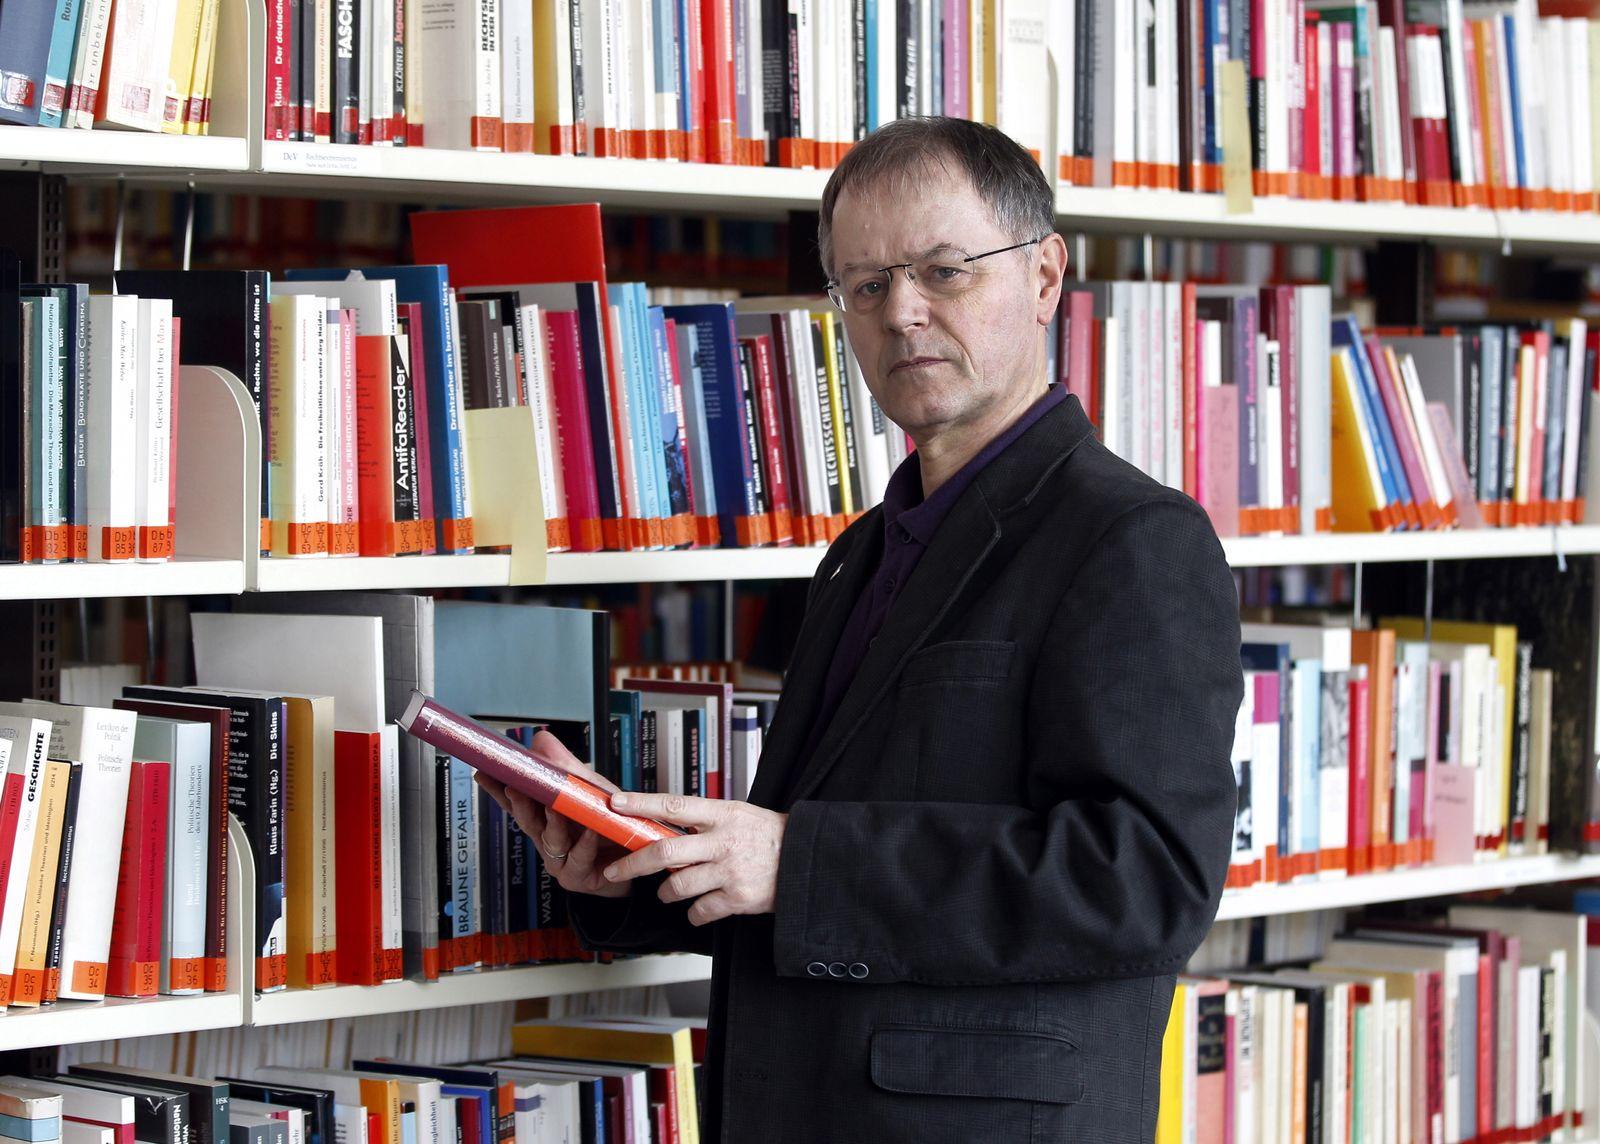 NICHT VERWENDEN Linke/ Christoph Butterwegge